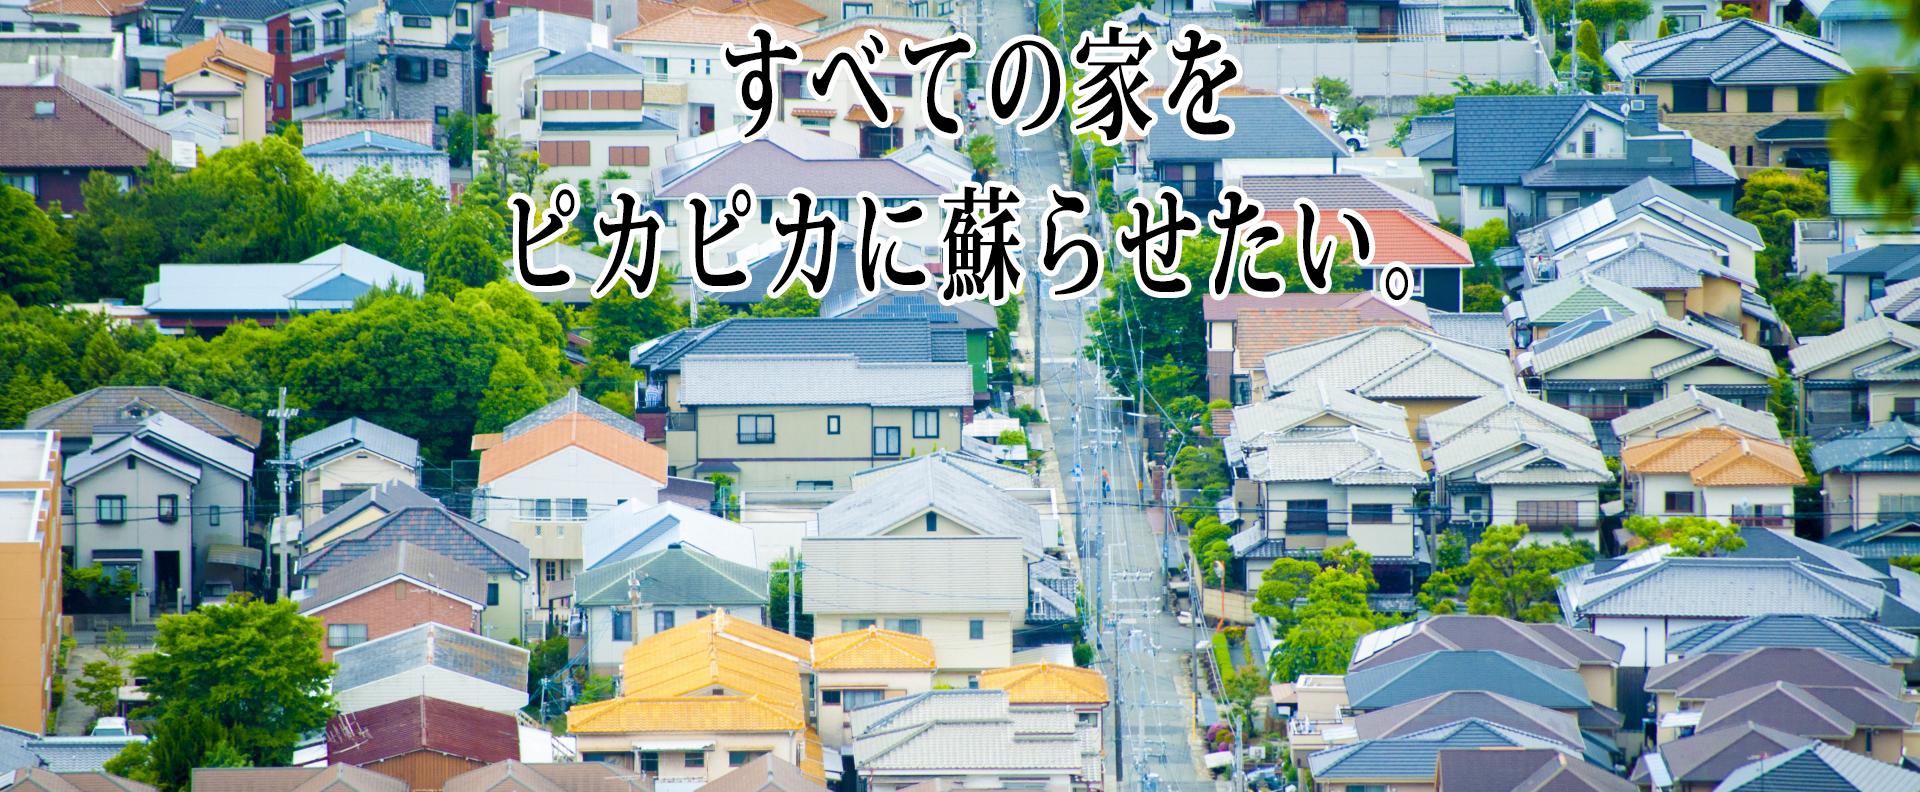 練馬・新座・和光・朝霞・富士見・志木のリフォームは地域密着・安心の低価格・アフターフォロー高いお客様満足度評価